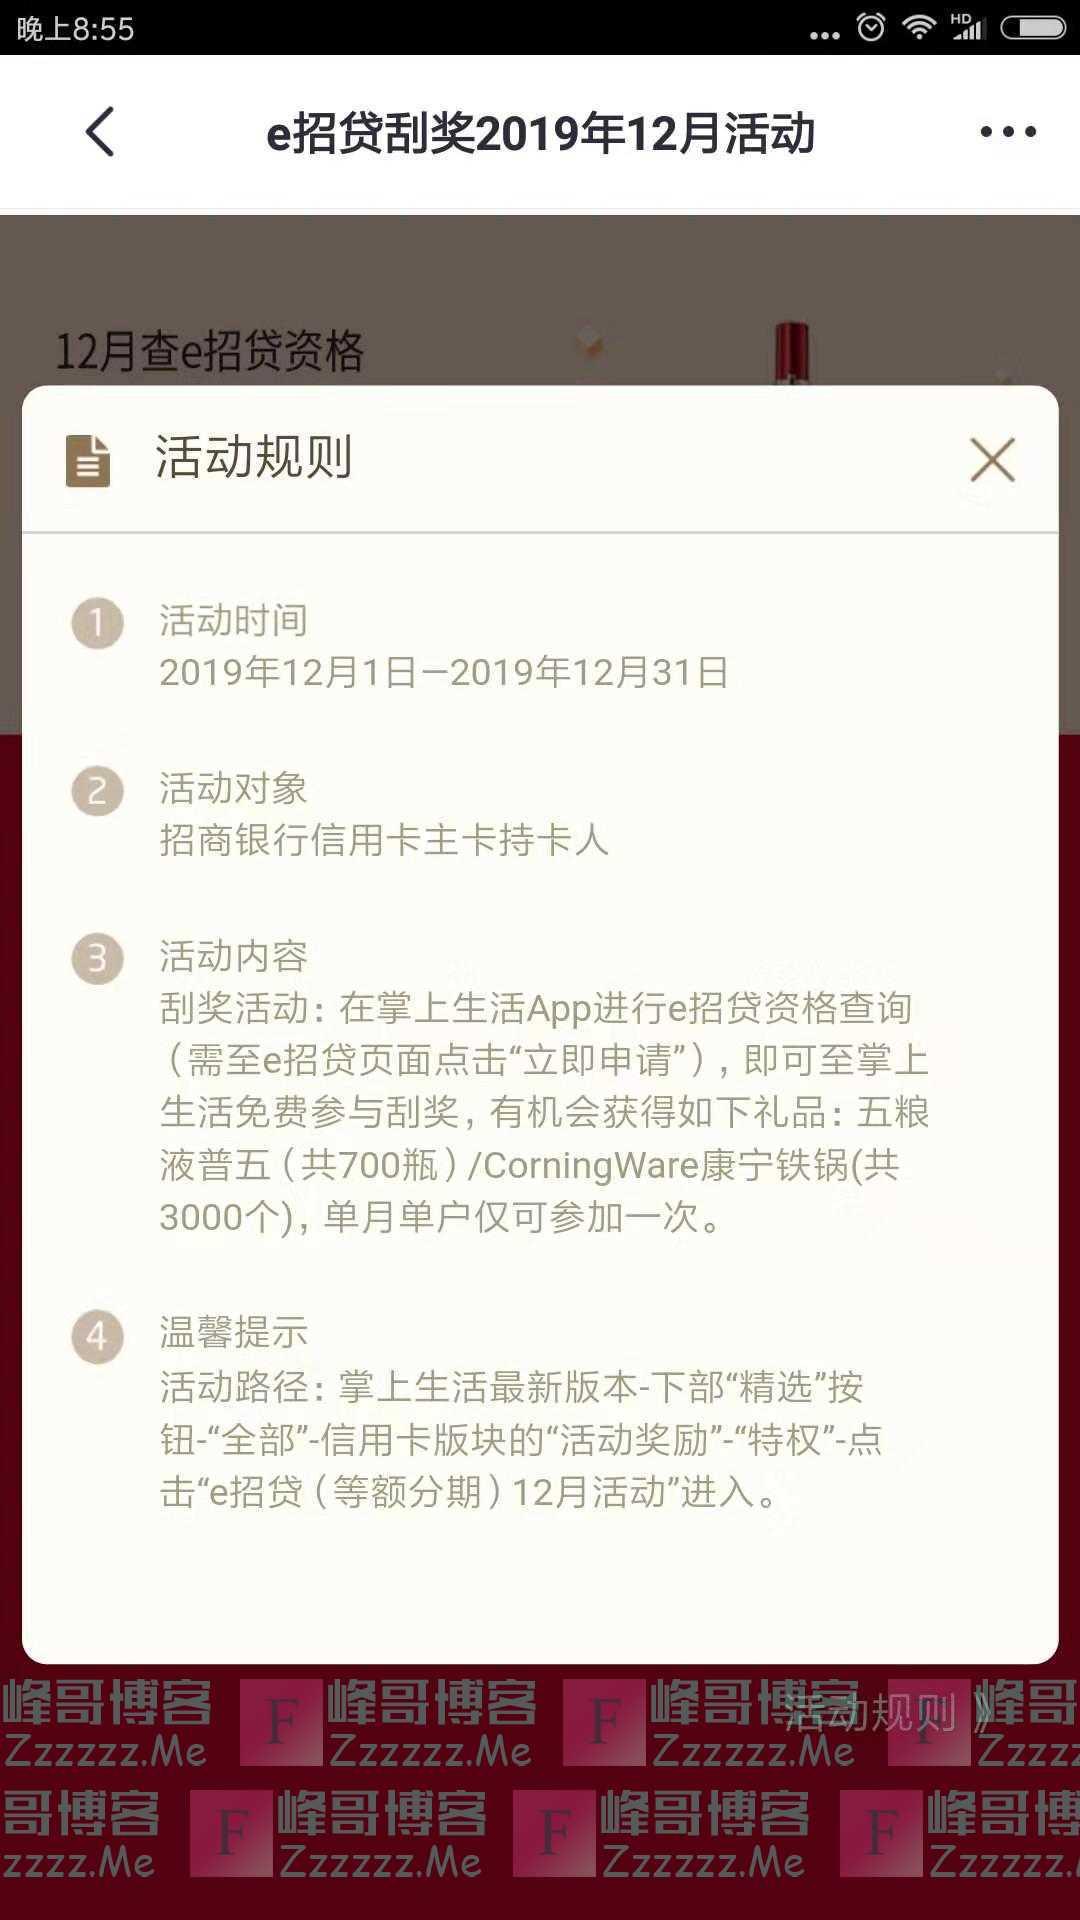 掌上生活e招贷12月查资格刮奖(截止12月31日)